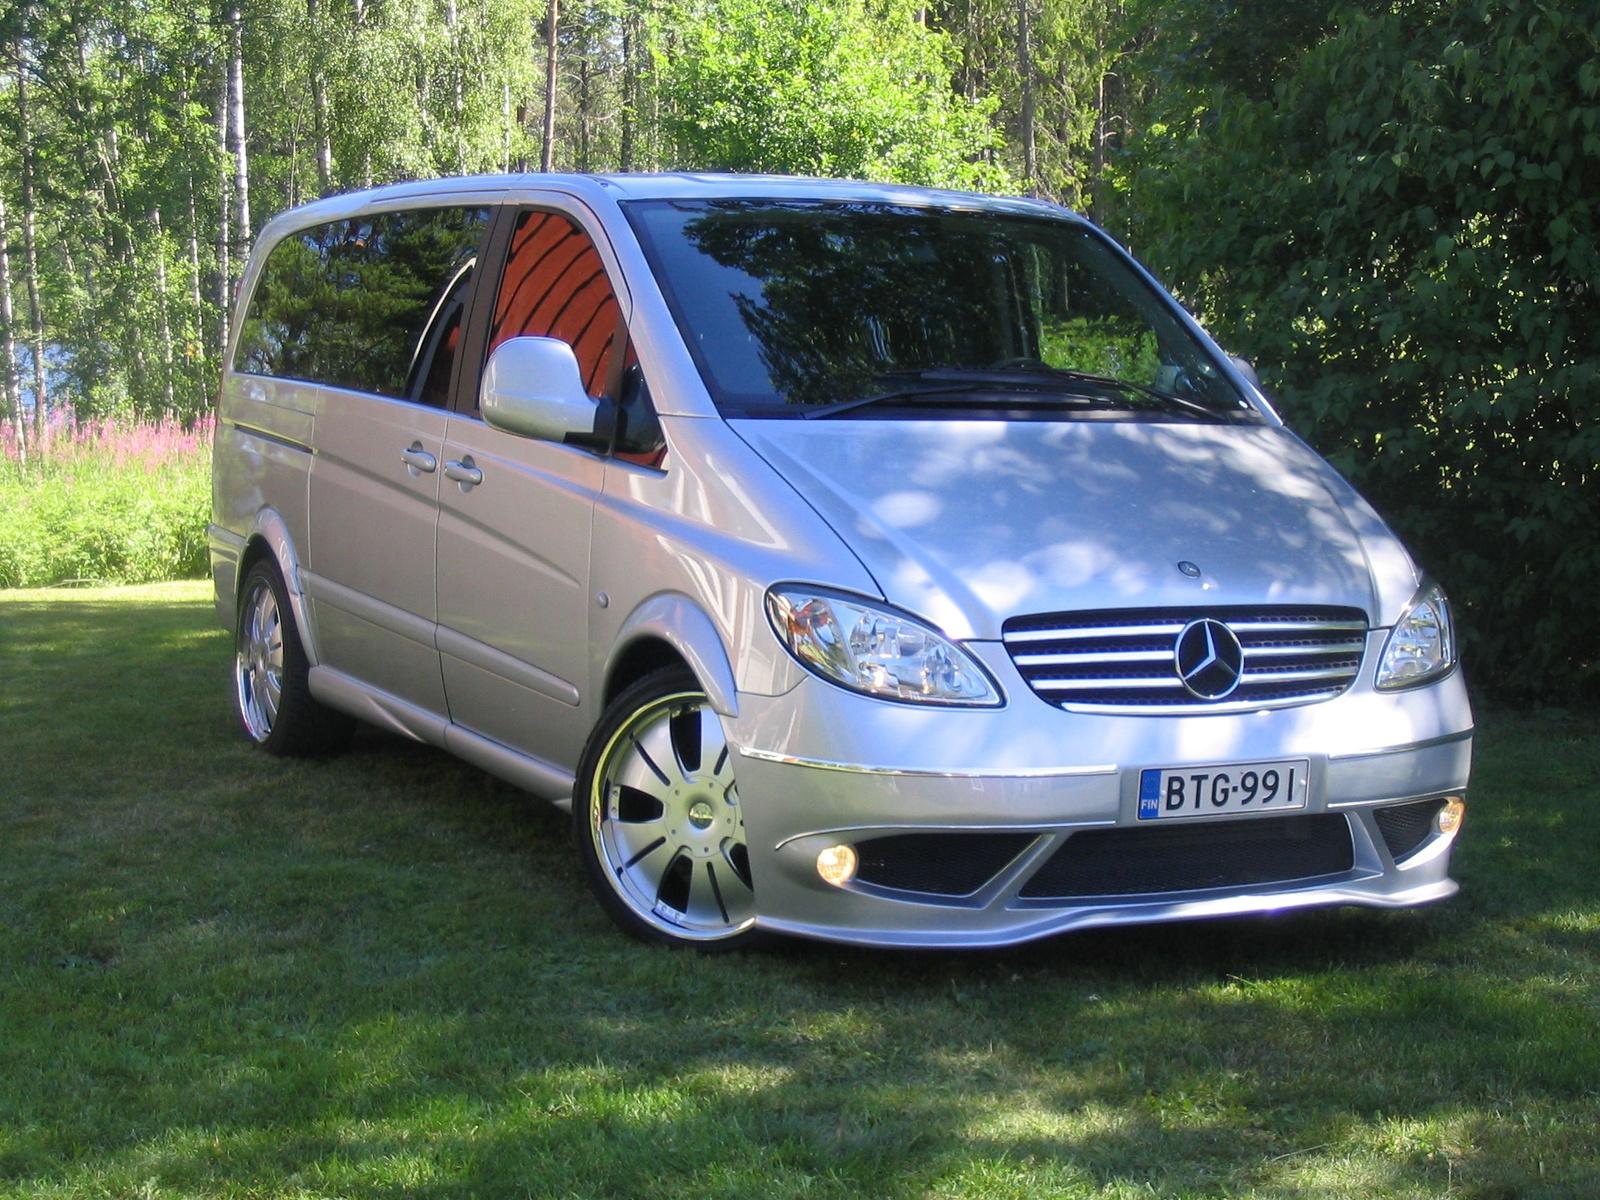 2004 Mercedes-Benz Vito - Pictures - CarGurus